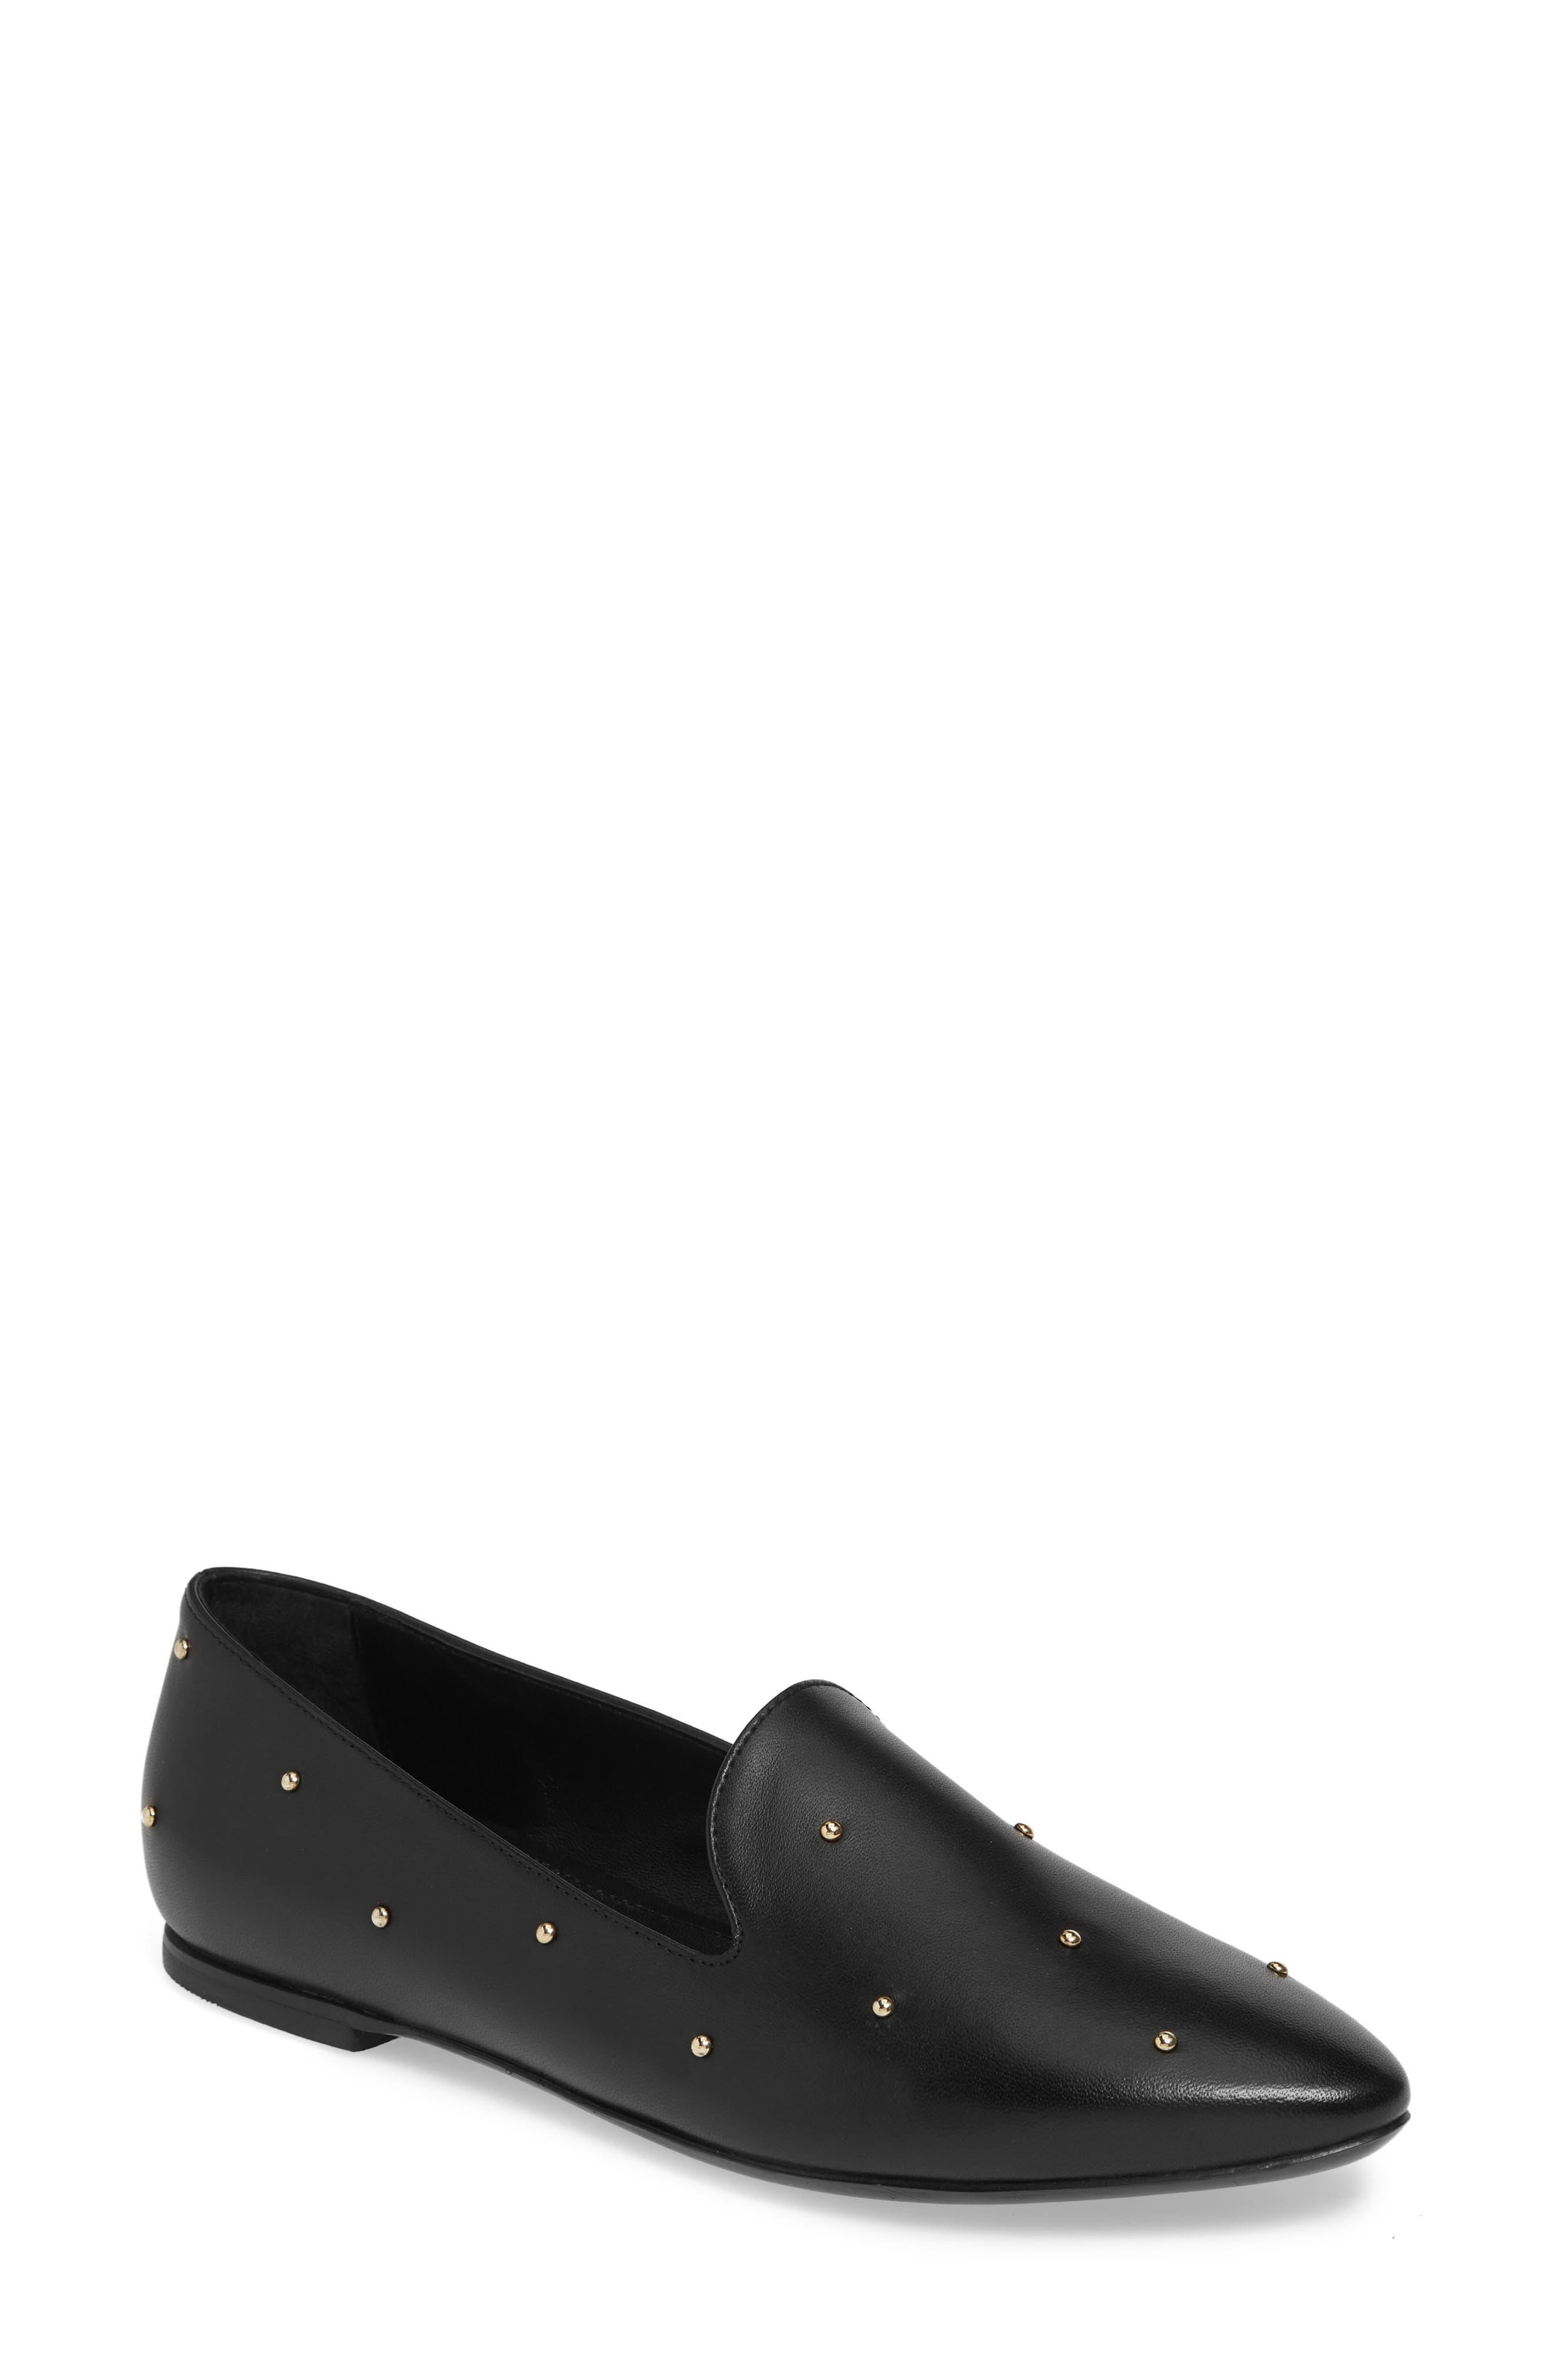 Agl Studded Loafer, Black